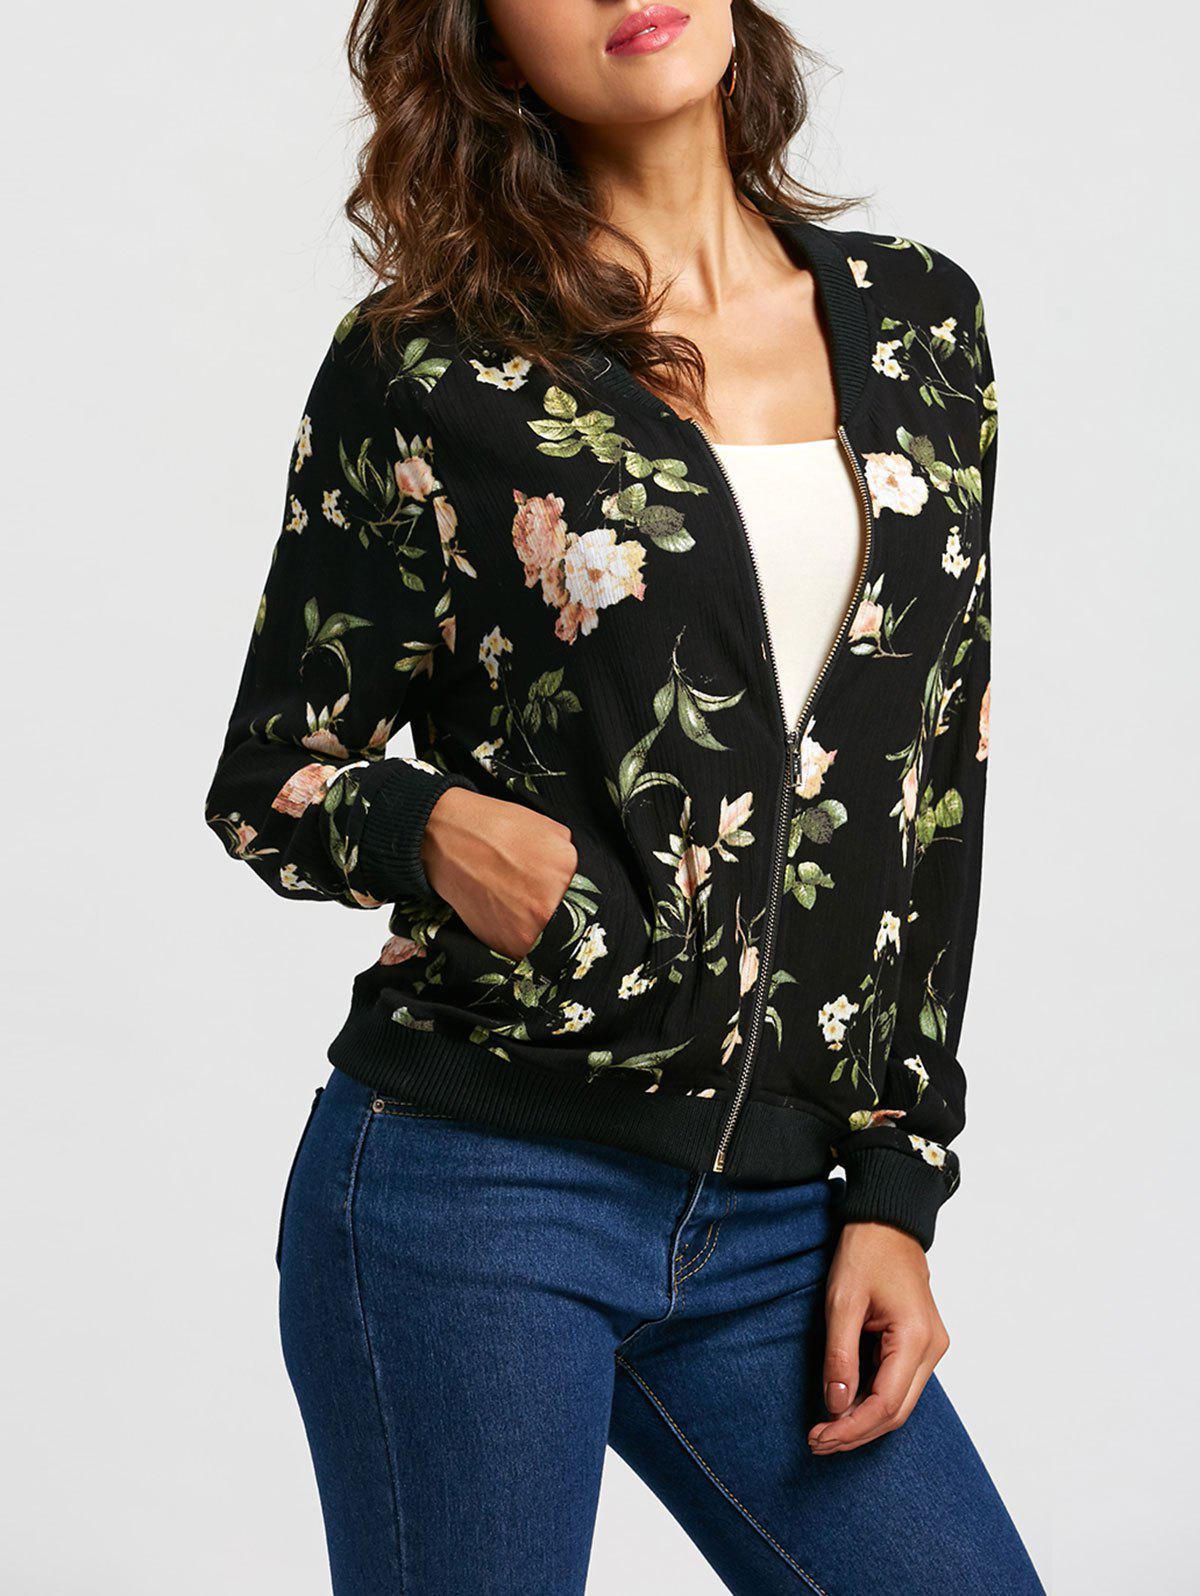 Zip Up Floral Leaf Print Bomber Jacket